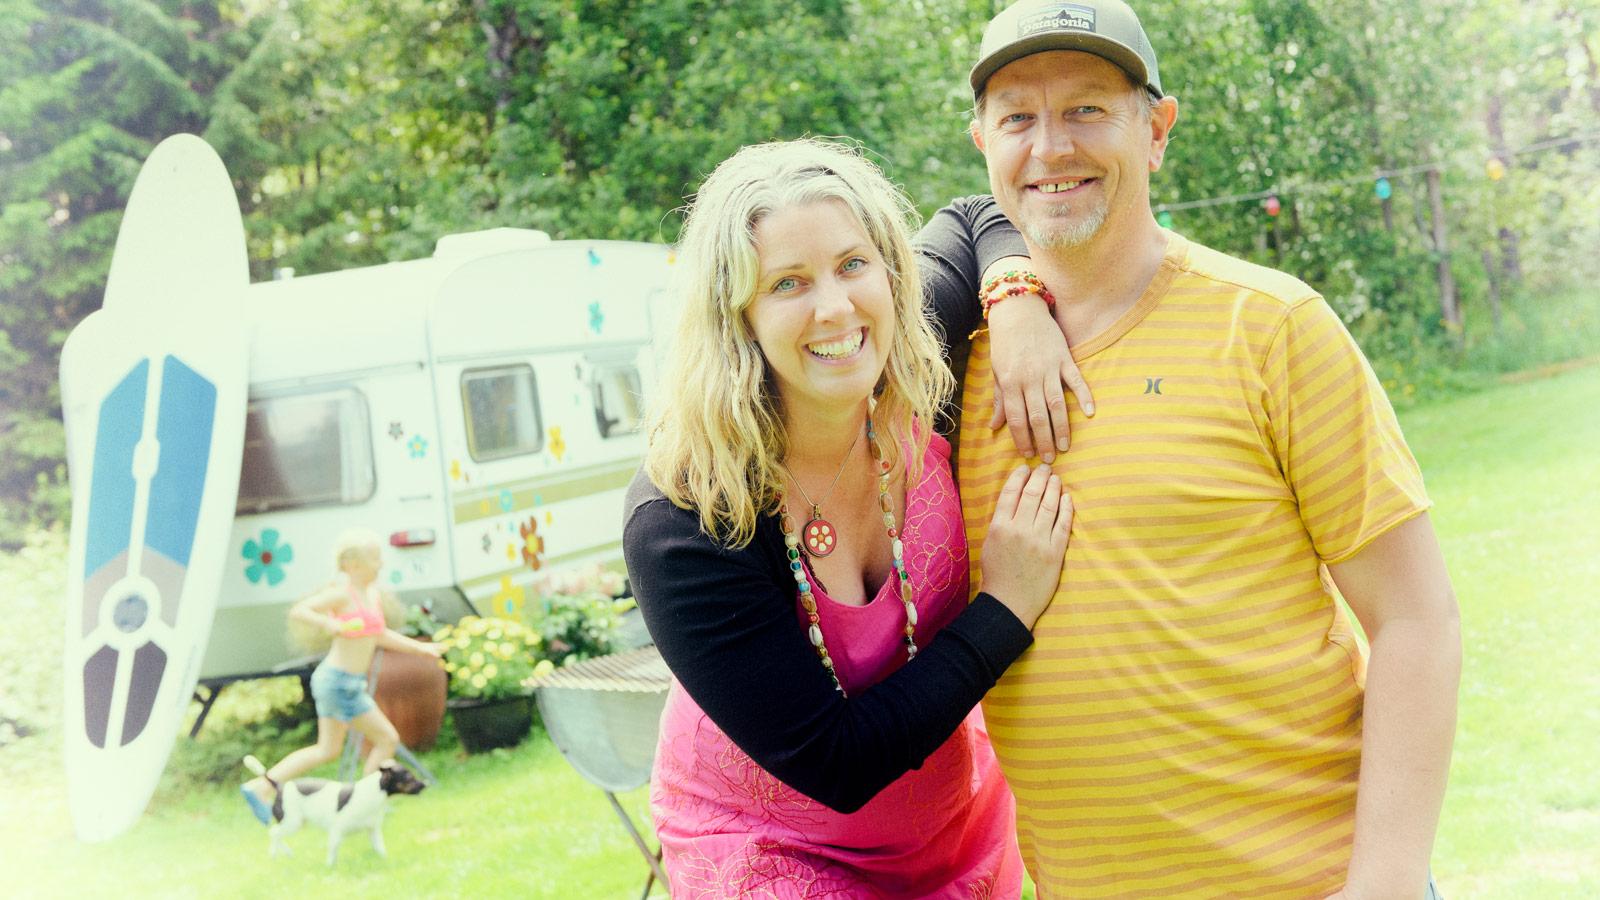 Villvann - Tomman og Linda